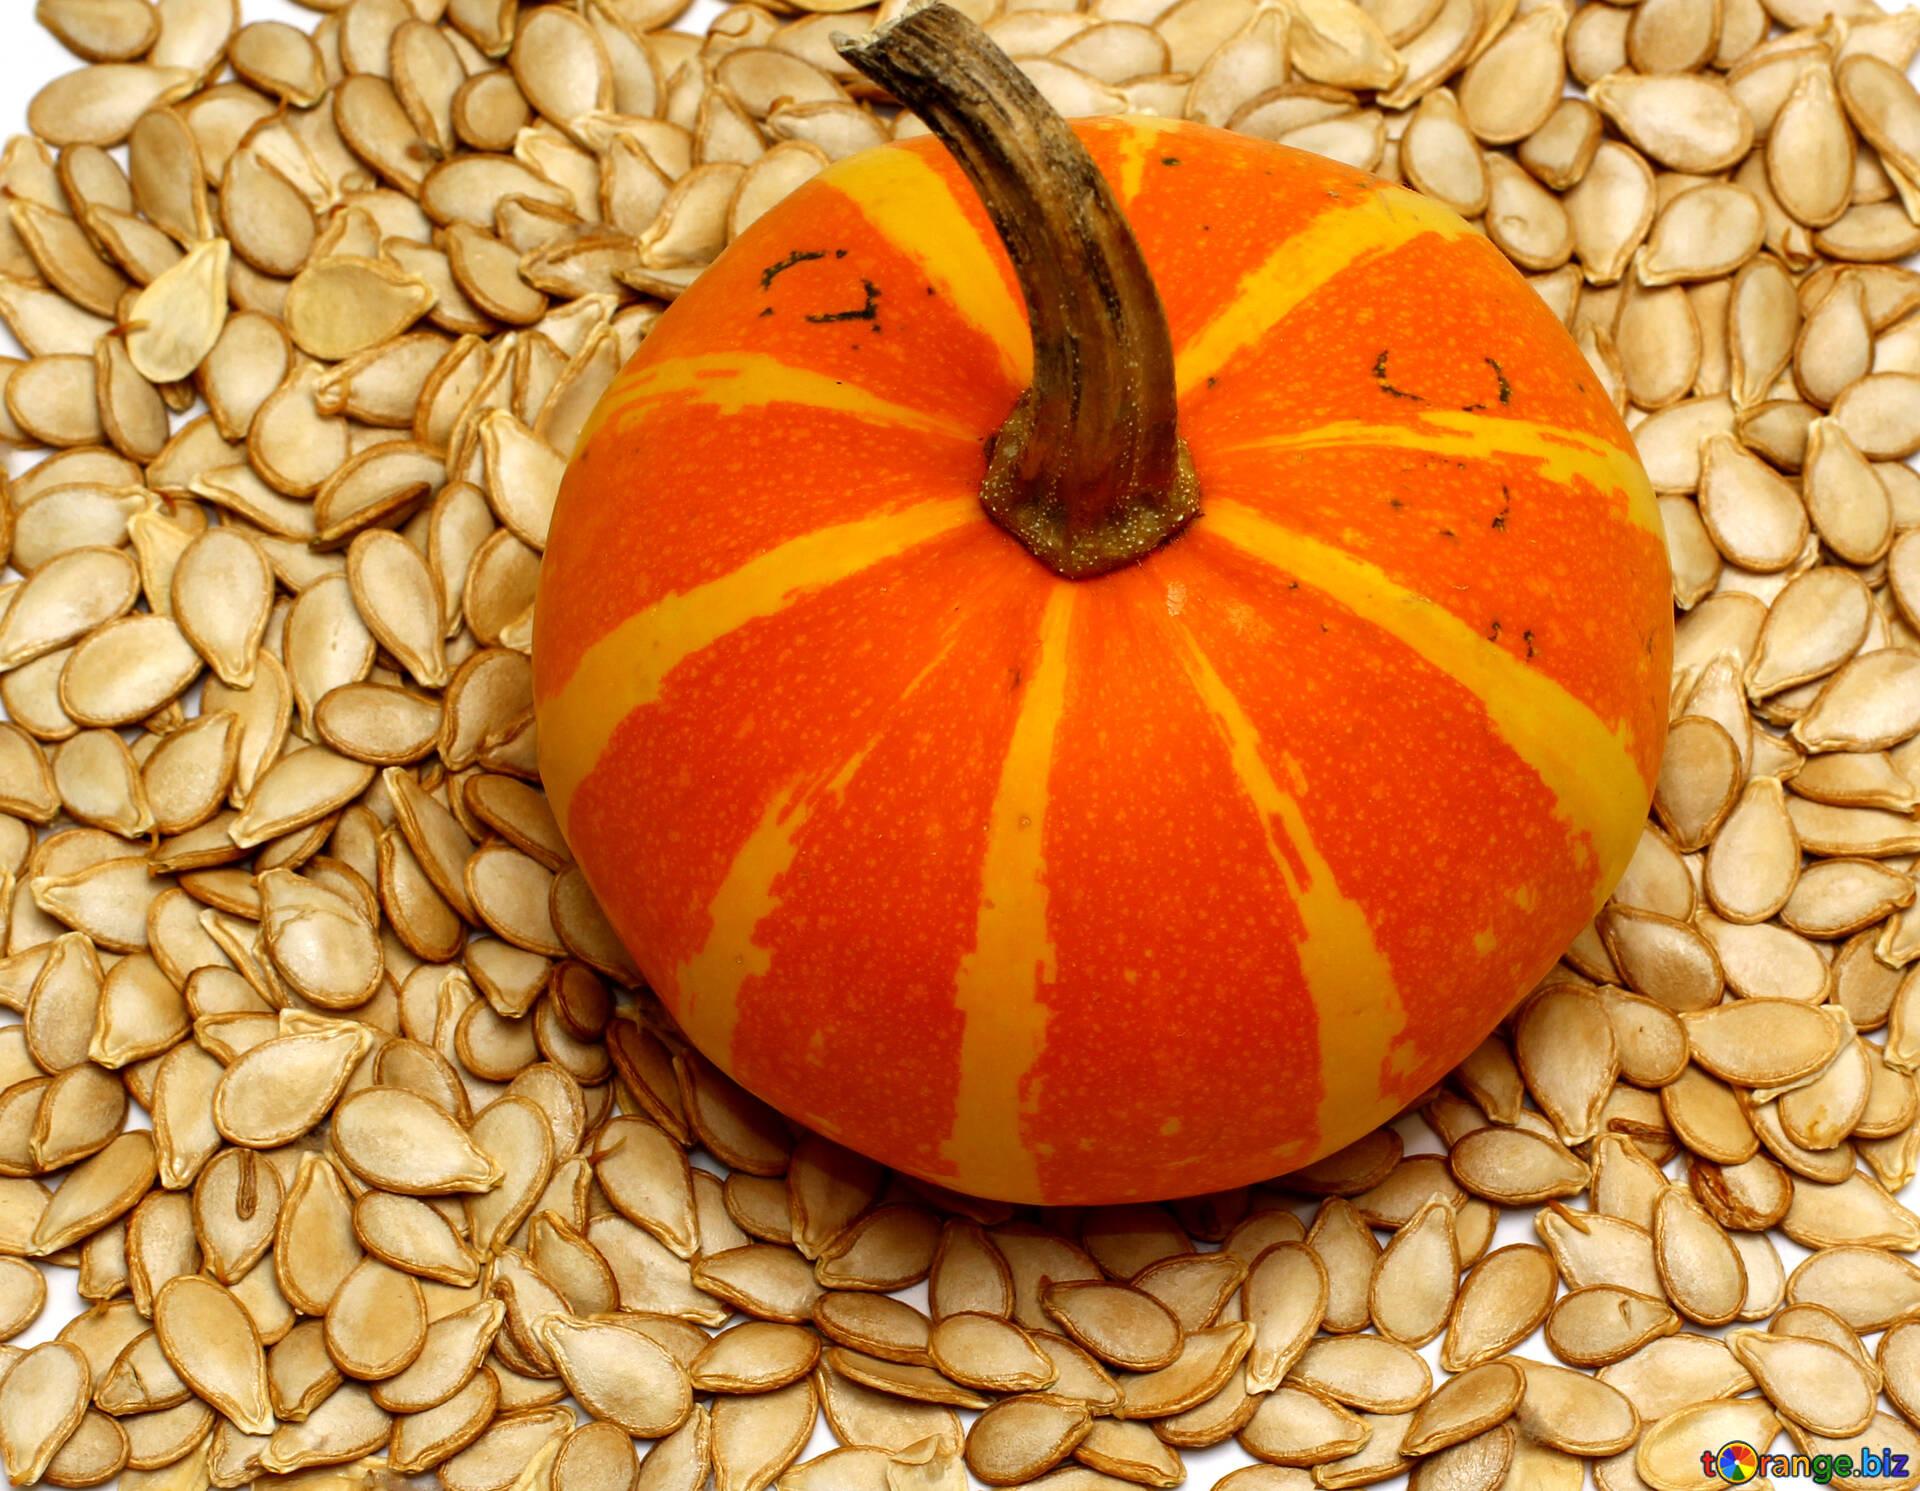 Картинка тыквы с семенами без